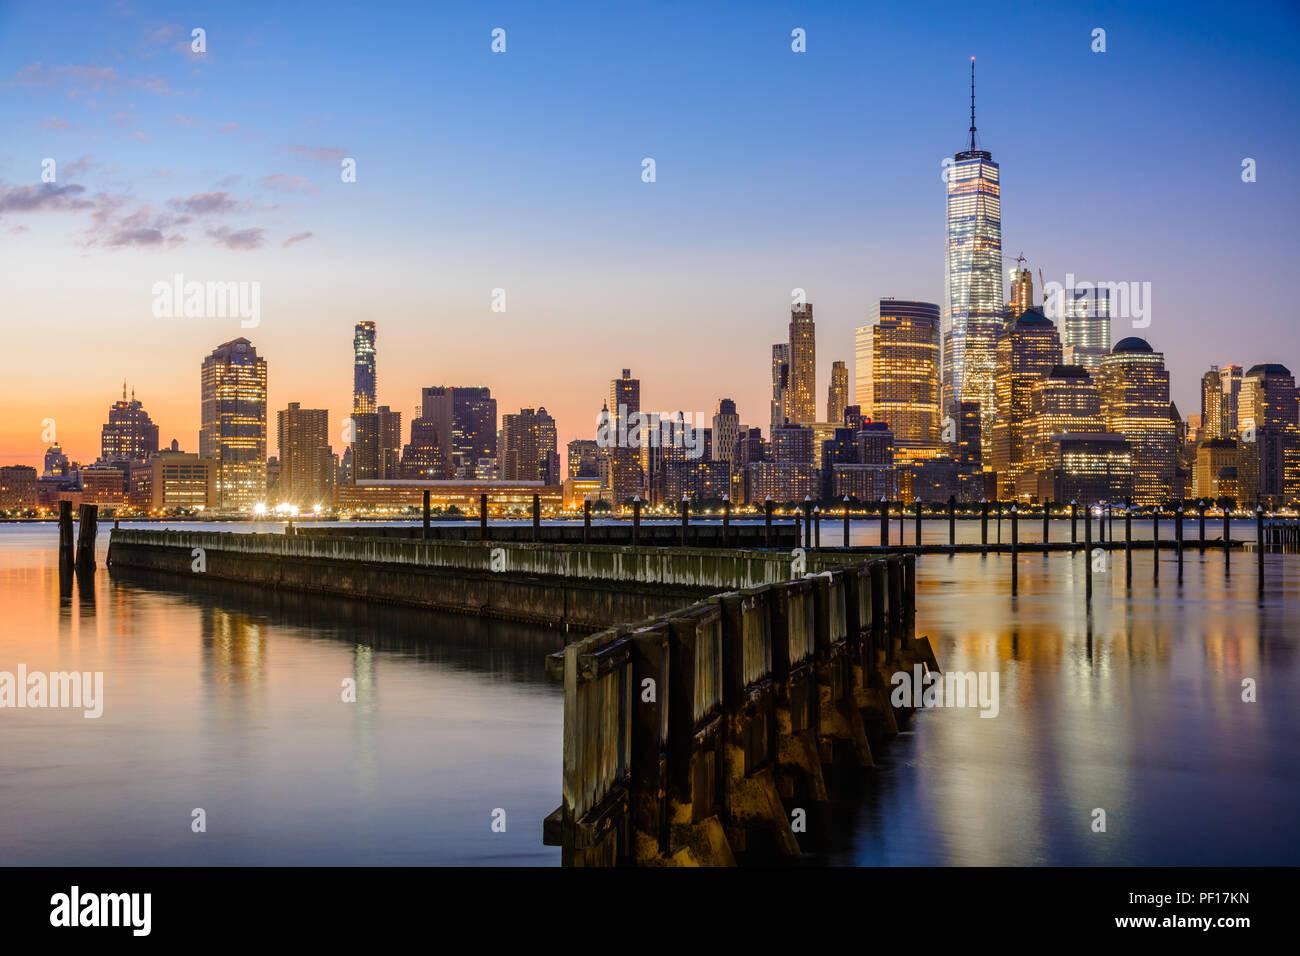 Die Innenstadt von New York und Lower Manhattan von der Jersey City Seite des Hudson River aus gesehen. Stockbild